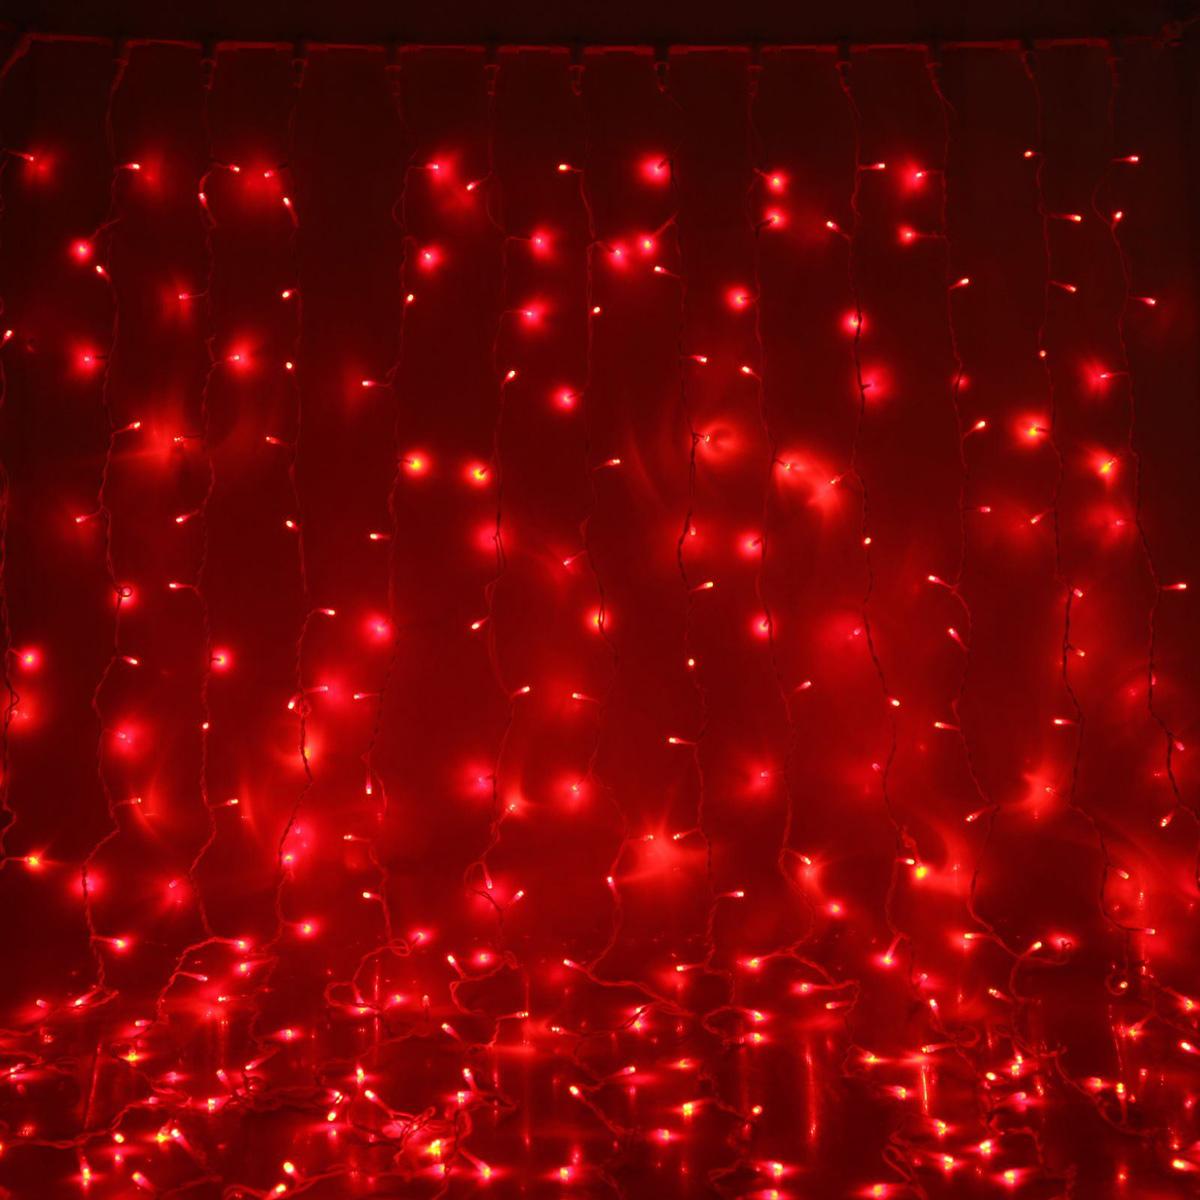 Гирлянда светодиодная Luazon Занавес, цвет: красный, уличная, 760 ламп, 220 V, 2 х 3 м. 10802281080228Гирлянда светодиодная Luazon Занавес - это отличный вариант для новогоднего оформления интерьера или фасада. С ее помощью помещение любого размера можно превратить в праздничный зал, а внешние элементы зданий, украшенные гирляндой, мгновенно станут напоминать очертания сказочного дворца. Такое украшение создаст ауру предвкушения чуда. Деревья, фасады, витрины, окна и арки будто специально созданы, чтобы вы украсили их светящимися нитями.